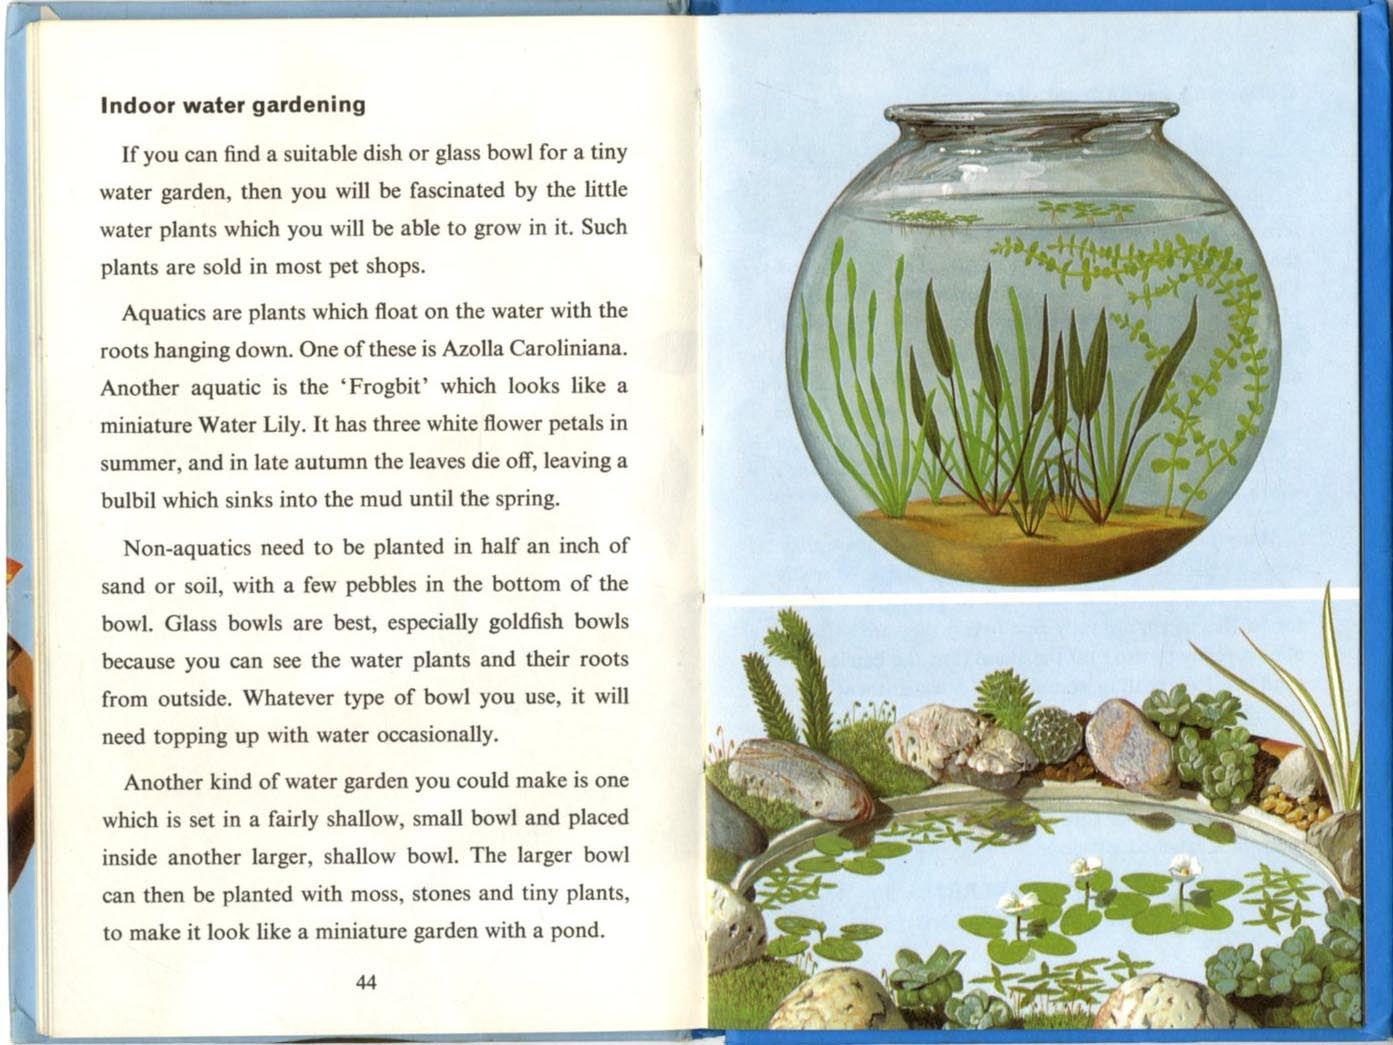 Indoor Gardening Books Ladybird books indoor gardening 1968 ladybird books indoor gardening 1968 workwithnaturefo